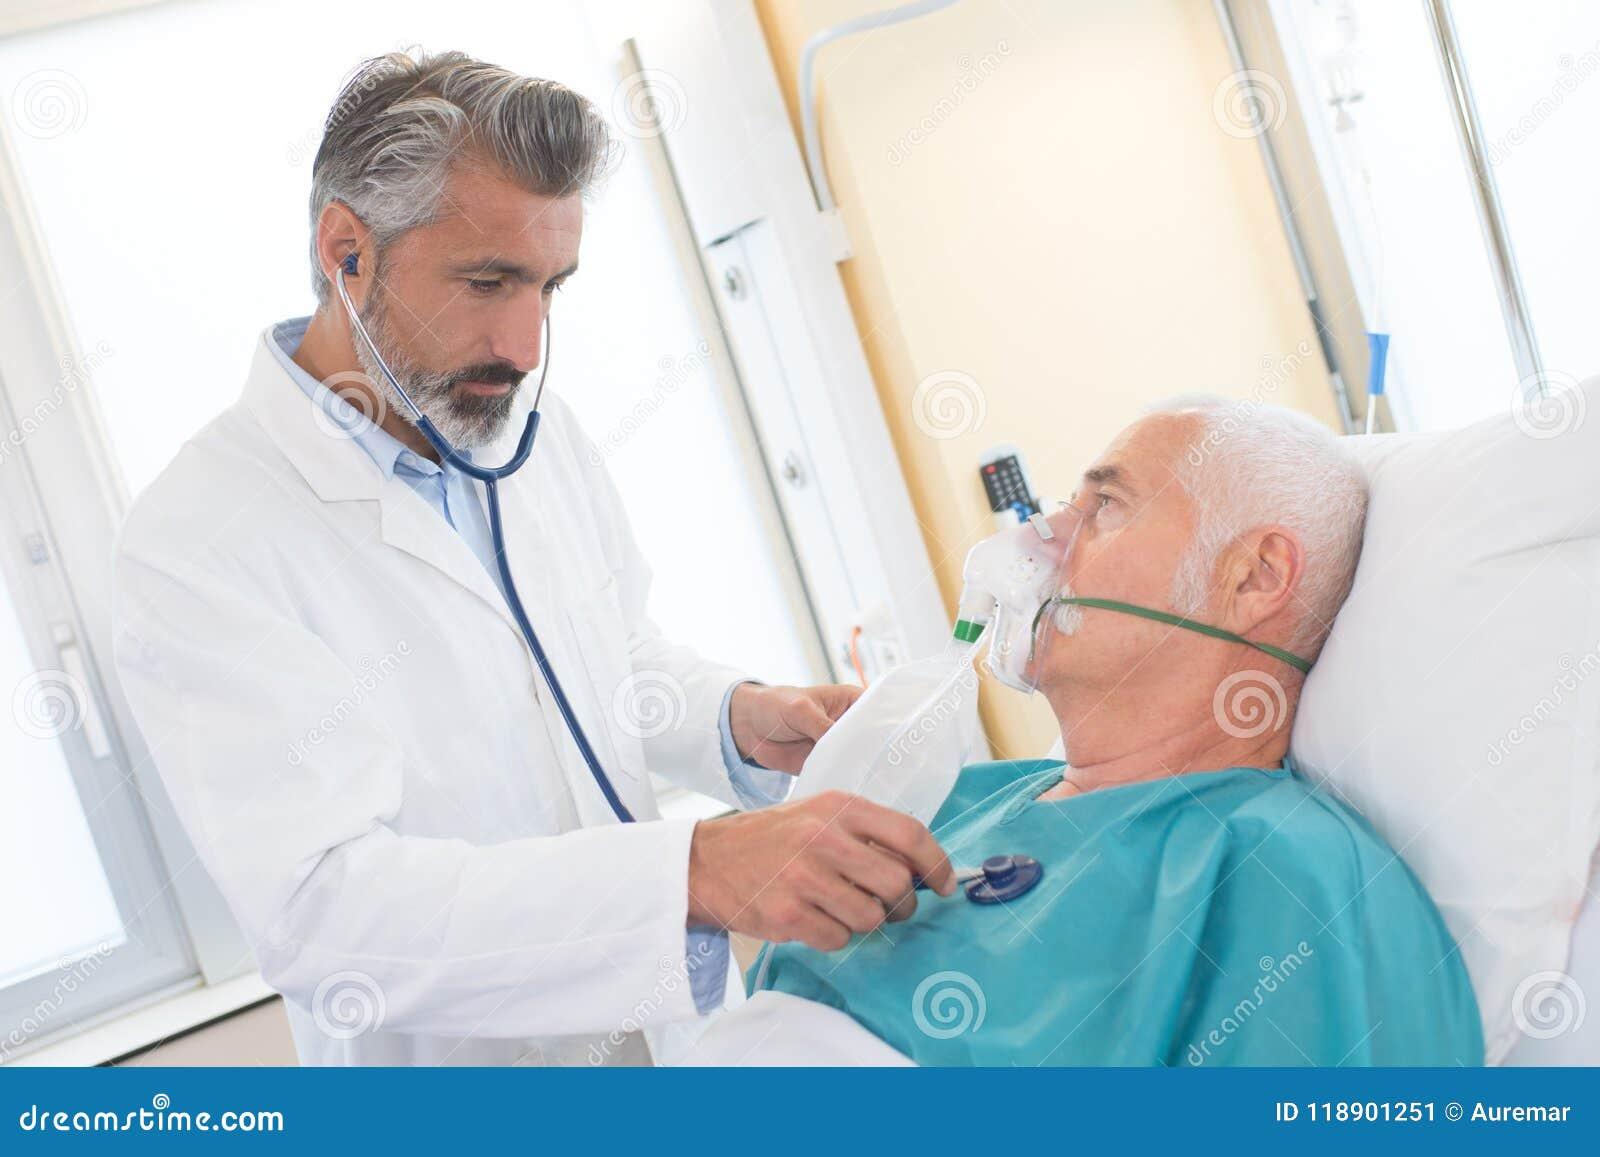 使用氧气面罩的老人在诊所